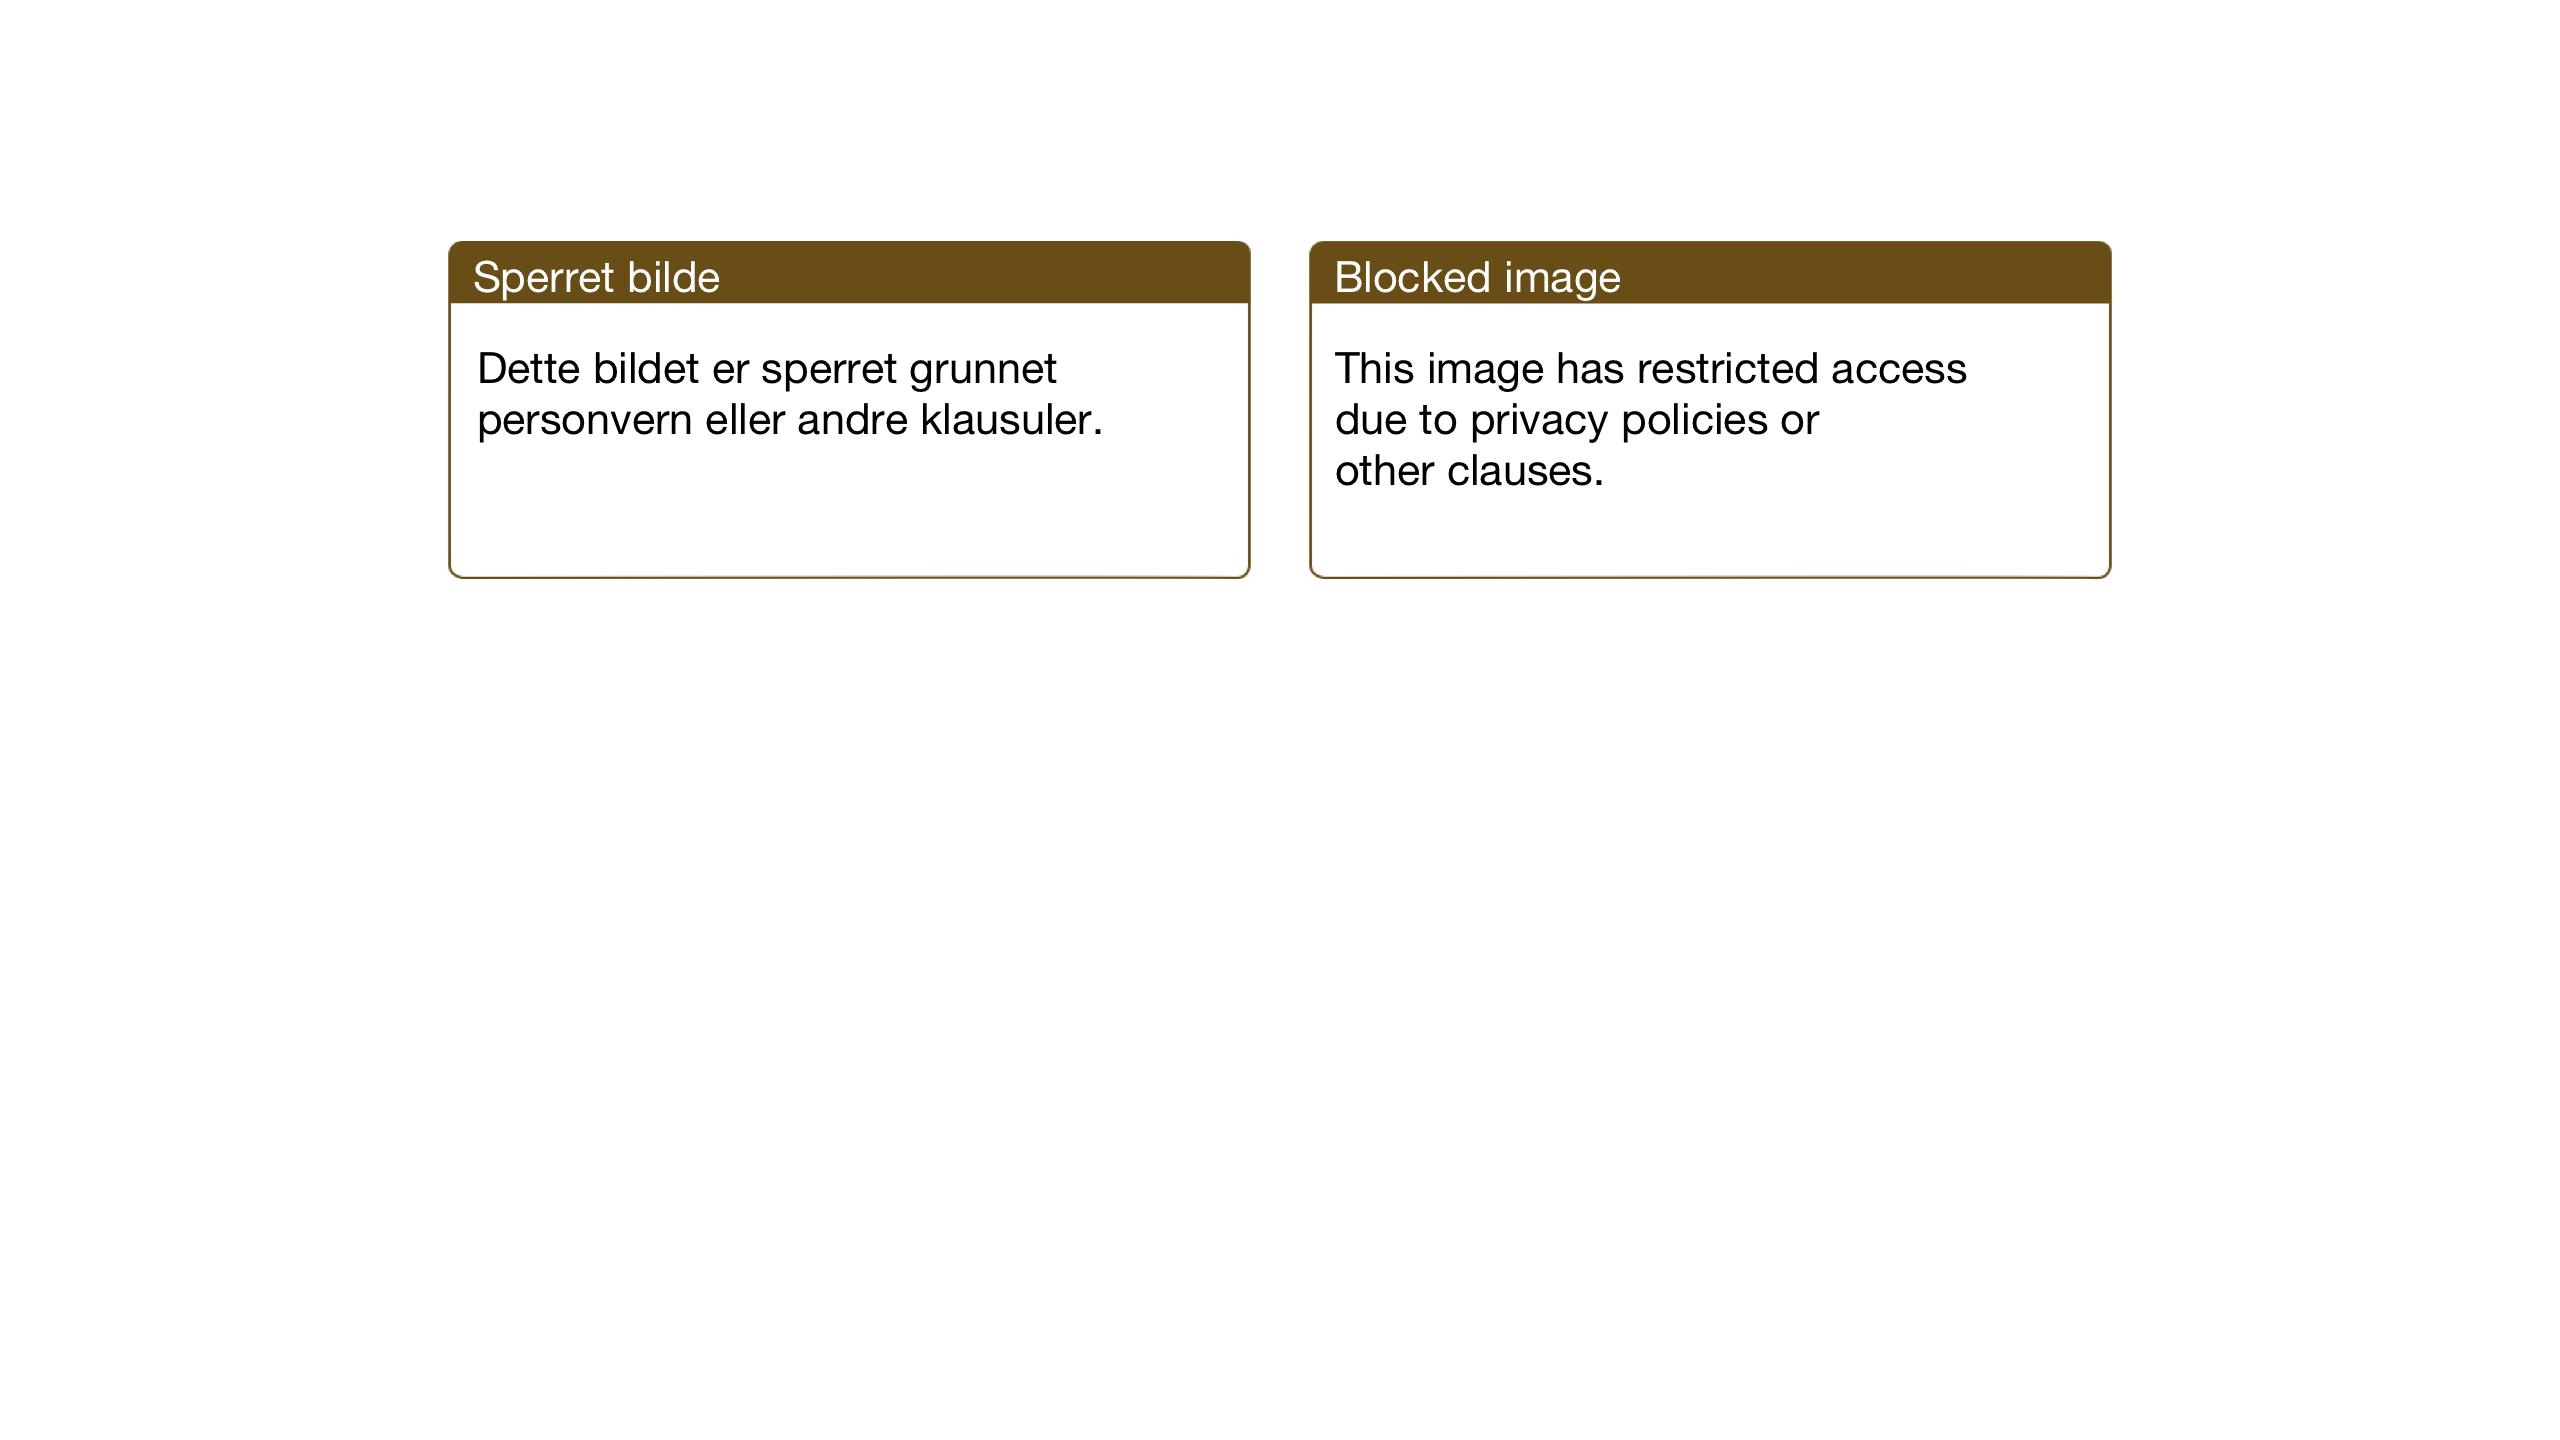 SAT, Ministerialprotokoller, klokkerbøker og fødselsregistre - Sør-Trøndelag, 605/L0248: Ministerialbok nr. 605A10, 1920-1937, s. 228